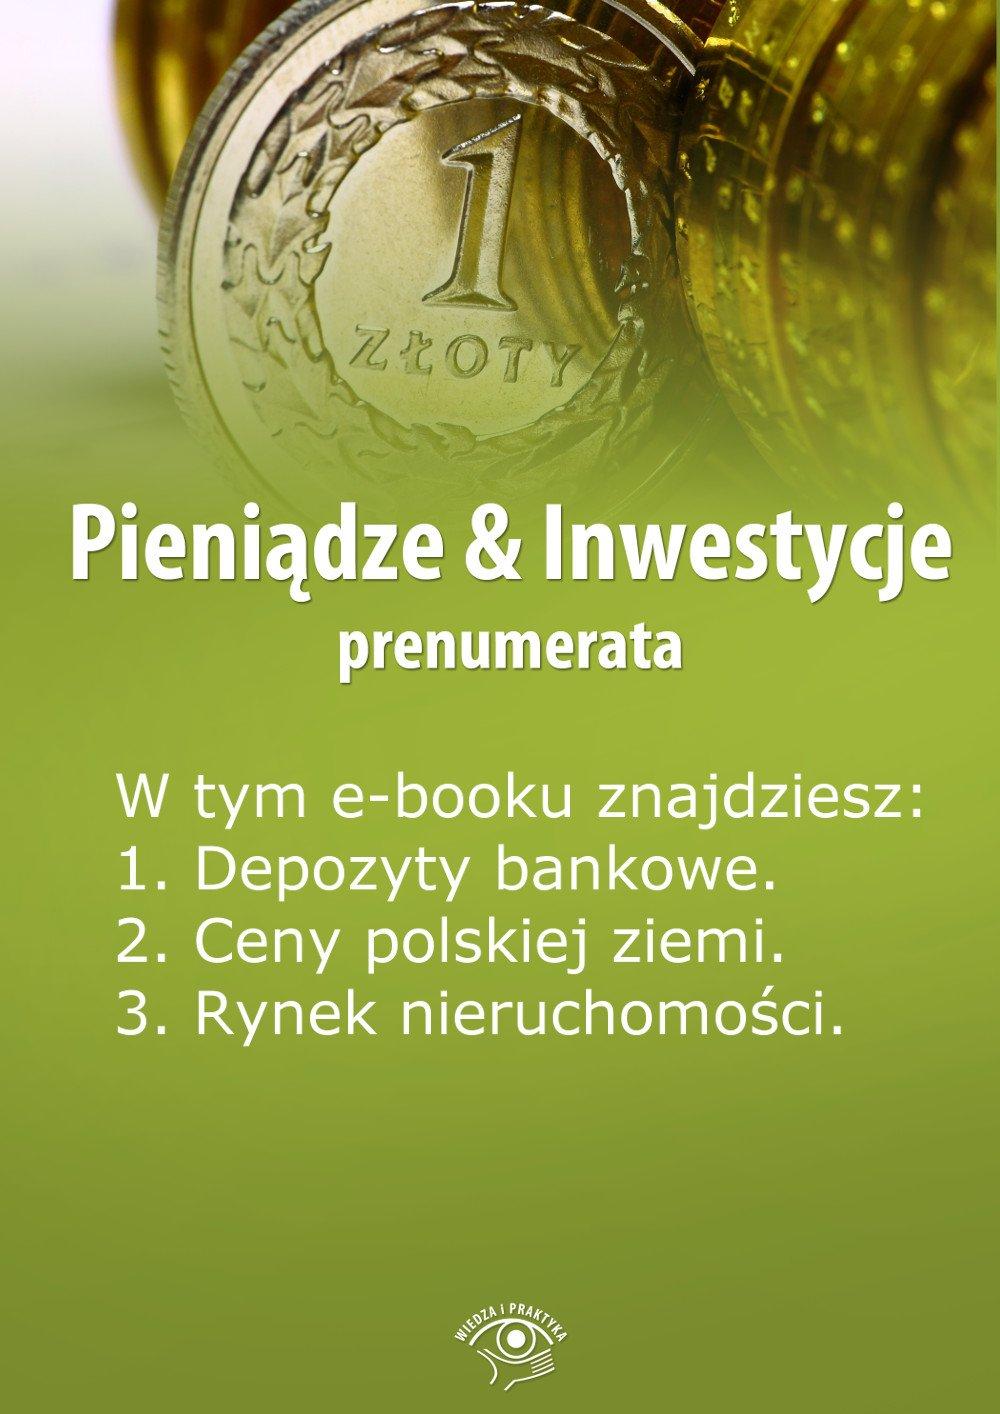 Pieniądze & Inwestycje. Wydanie lipiec 2014 r. - Ebook (Książka EPUB) do pobrania w formacie EPUB